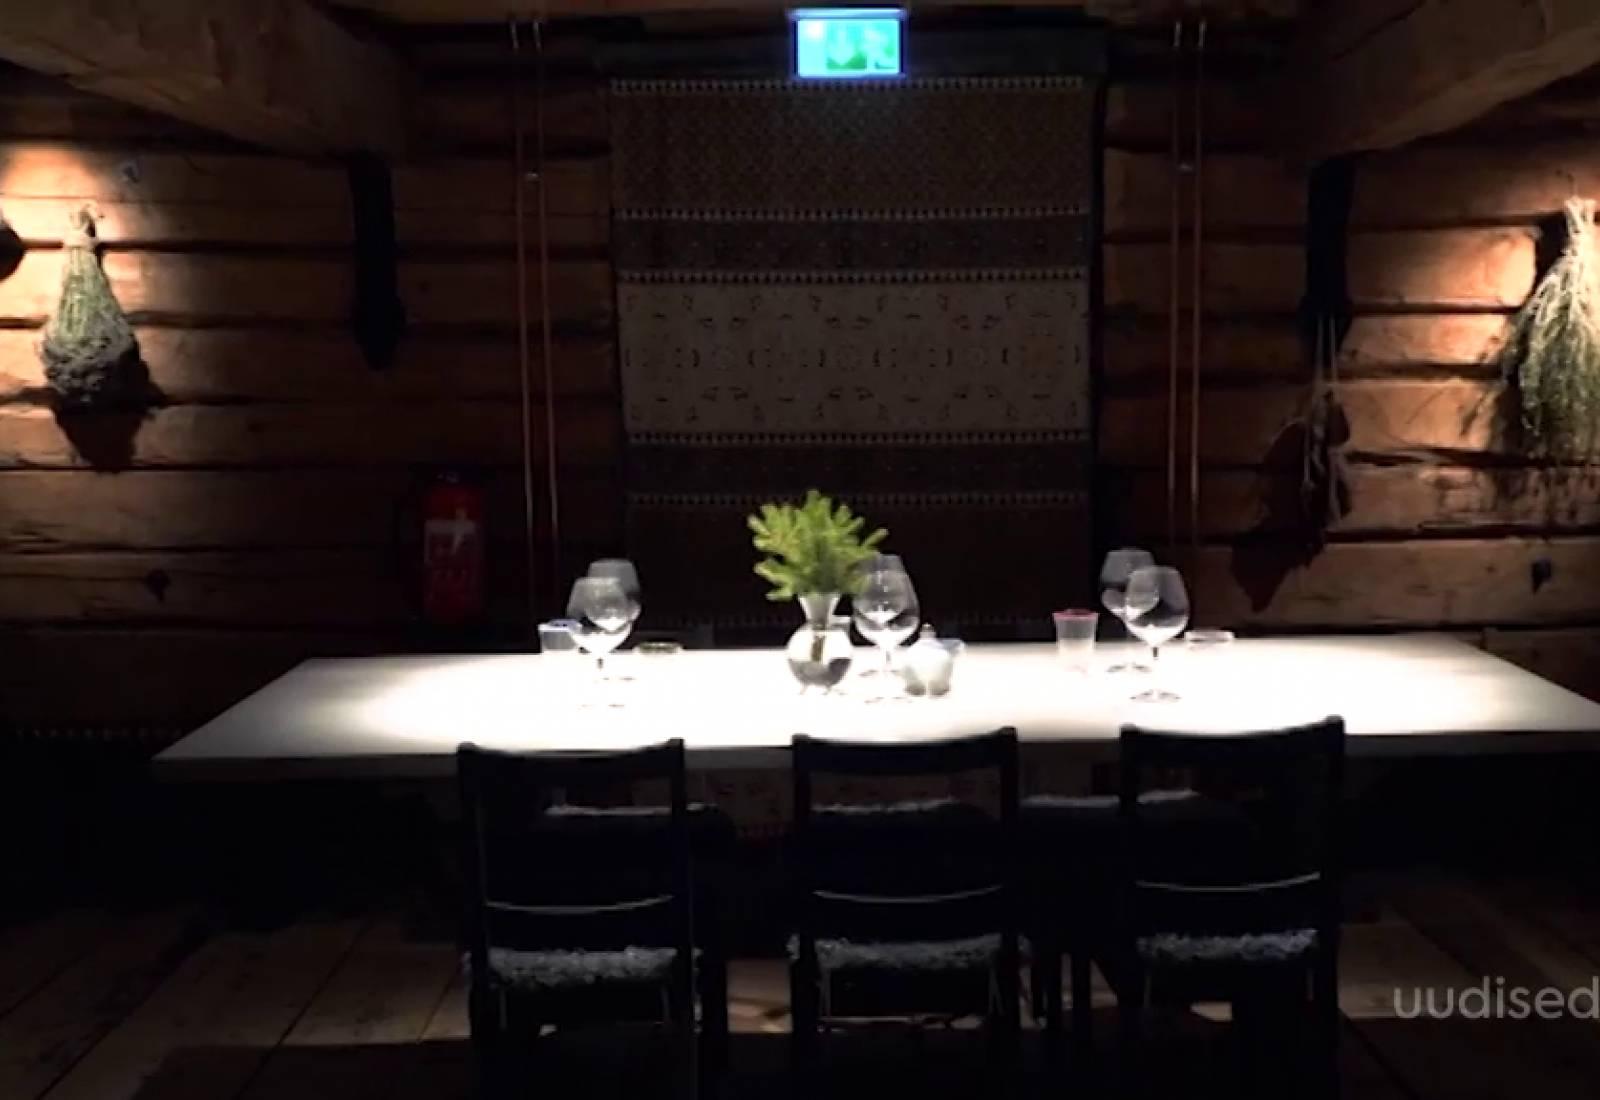 Video! Vaata, millisesse Rootsis asuvasse restorani jõudmiseks peab tõsiselt pingutama